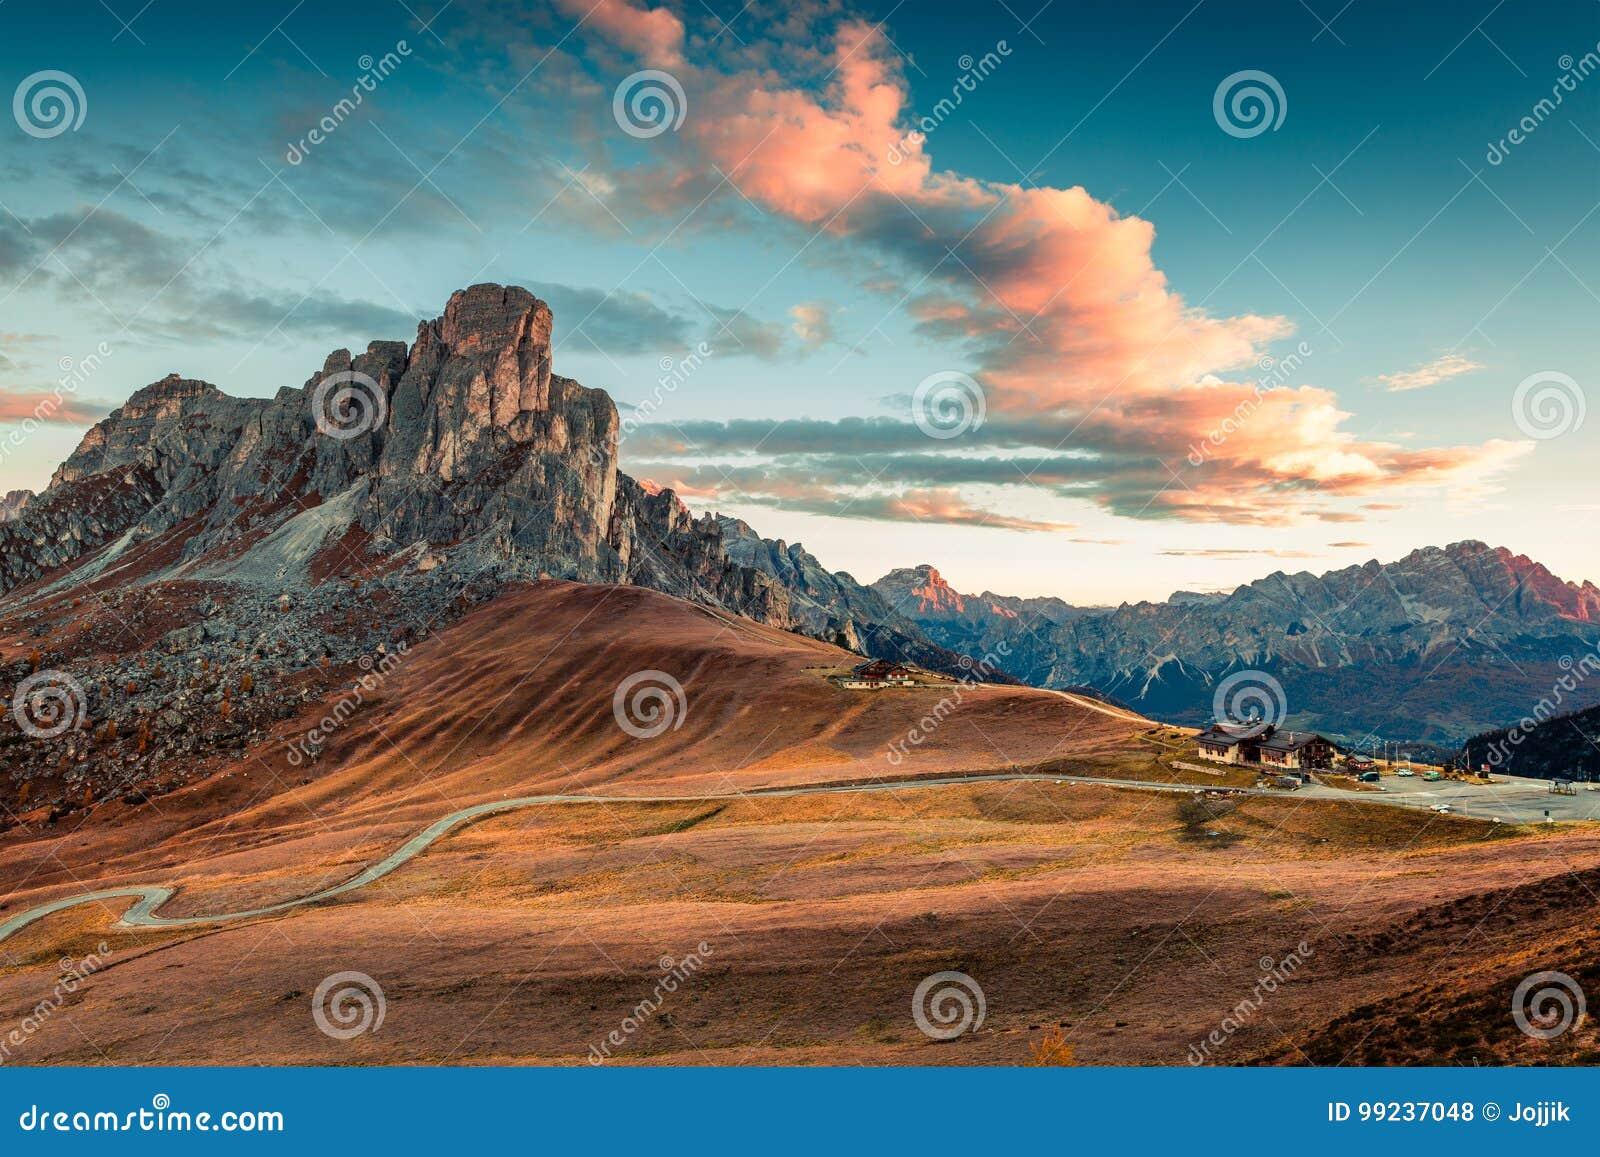 Fantastische ochtendmening vanaf de bovenkant van Giau-pas met beroemd Ra Gusela, Nuvolau-pieken op achtergrond